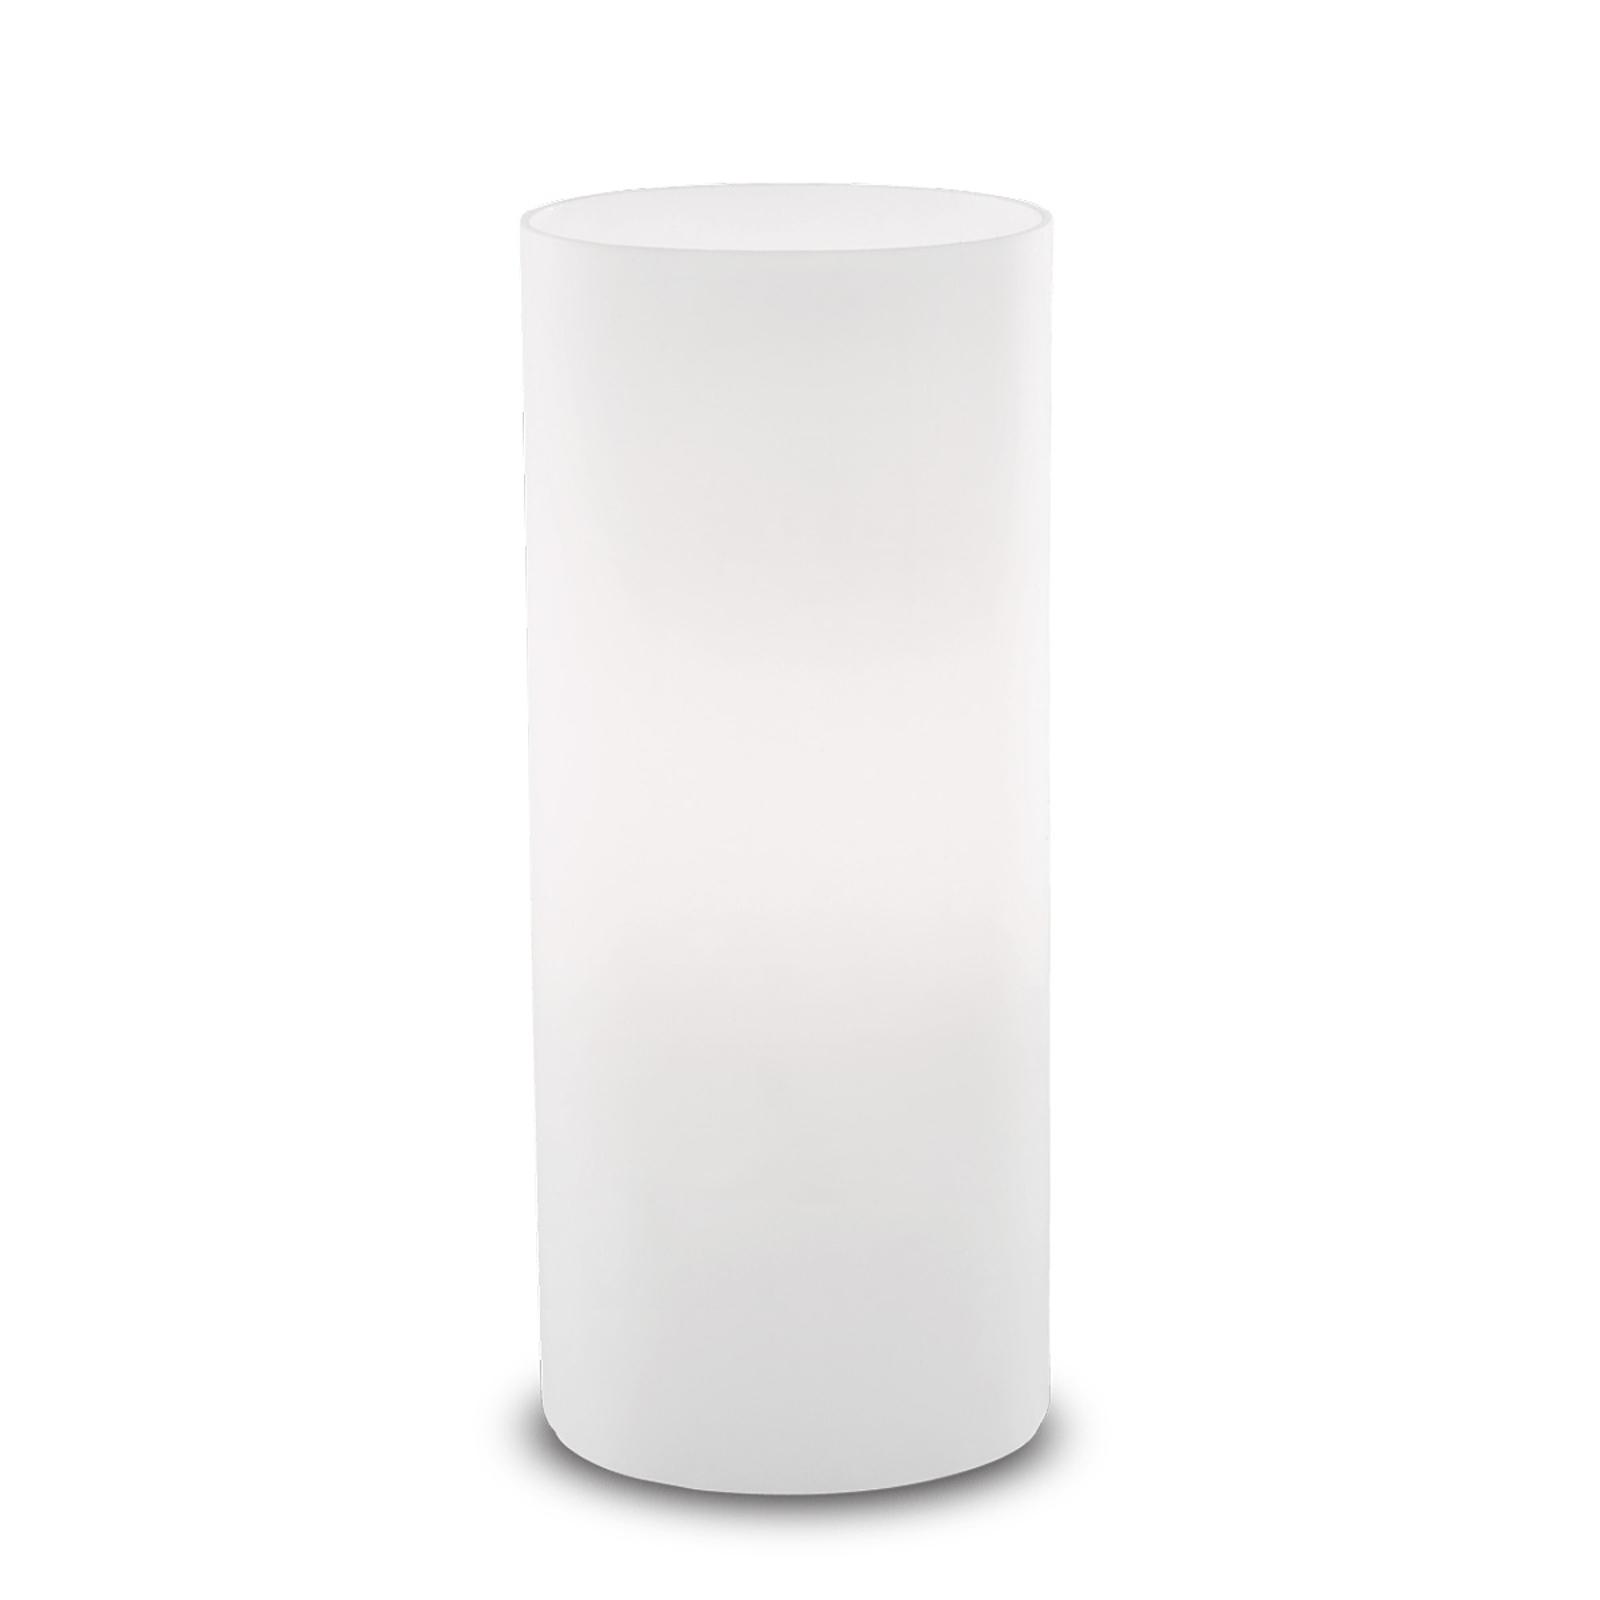 Tischleuchte Edo aus weißem Glas, Höhe 23 cm